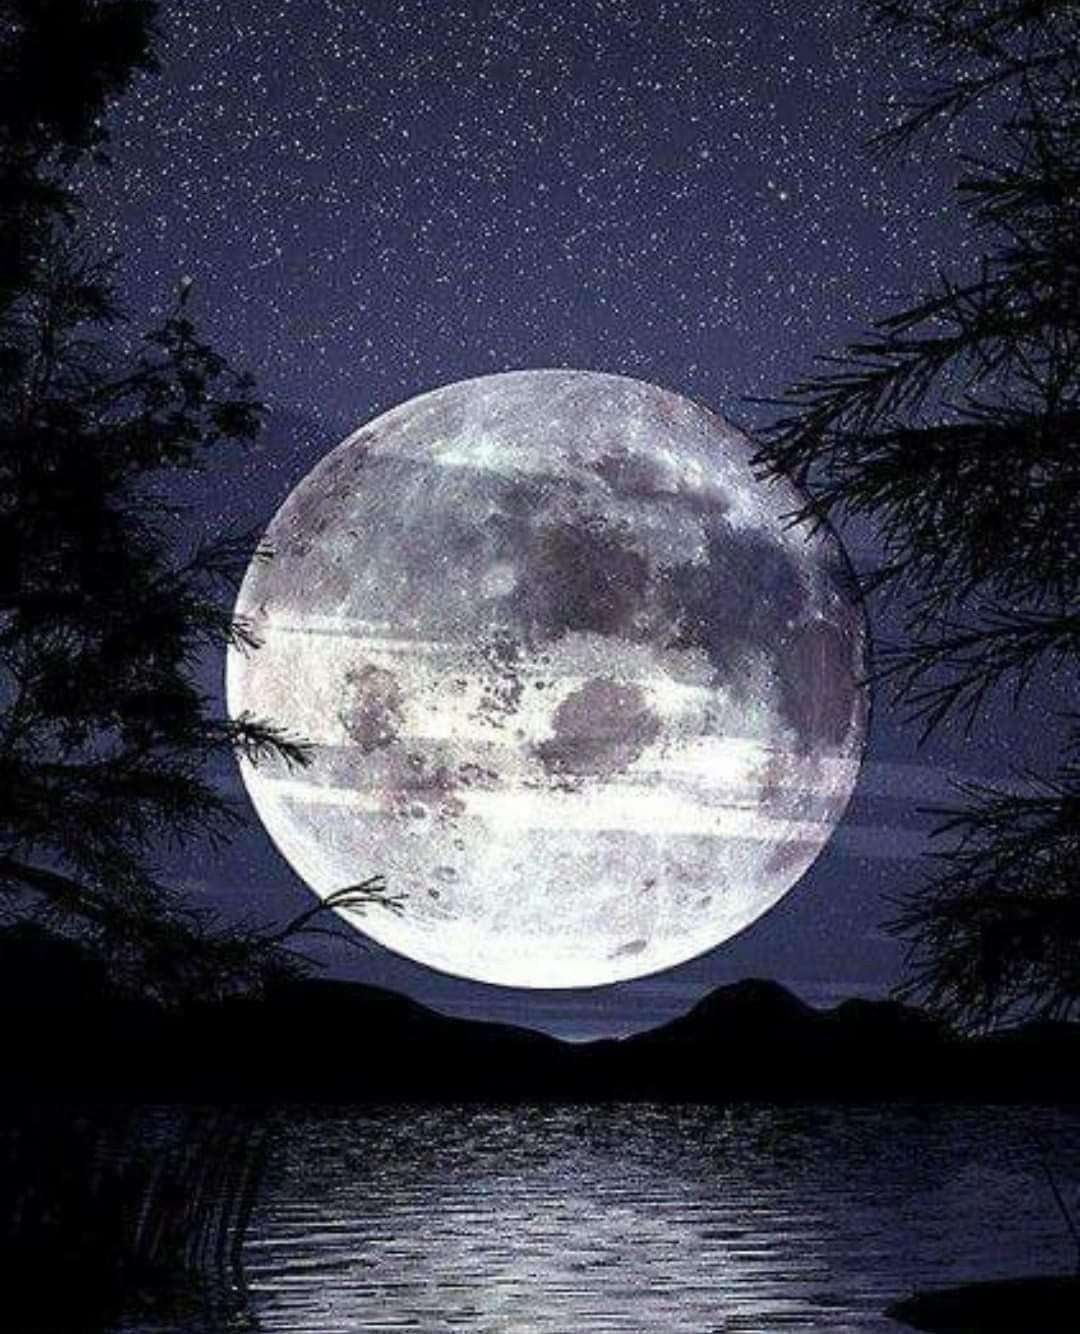 اذا كـنـت وحـيـدا فـلا تـشـعـر بـالحــزن فقط تذكر أن الـــقـمــــر وحيد و رغـم وحـدتـه يـظــل اجـمـل مافي السماء Celestial Outdoor Celestial Bodies